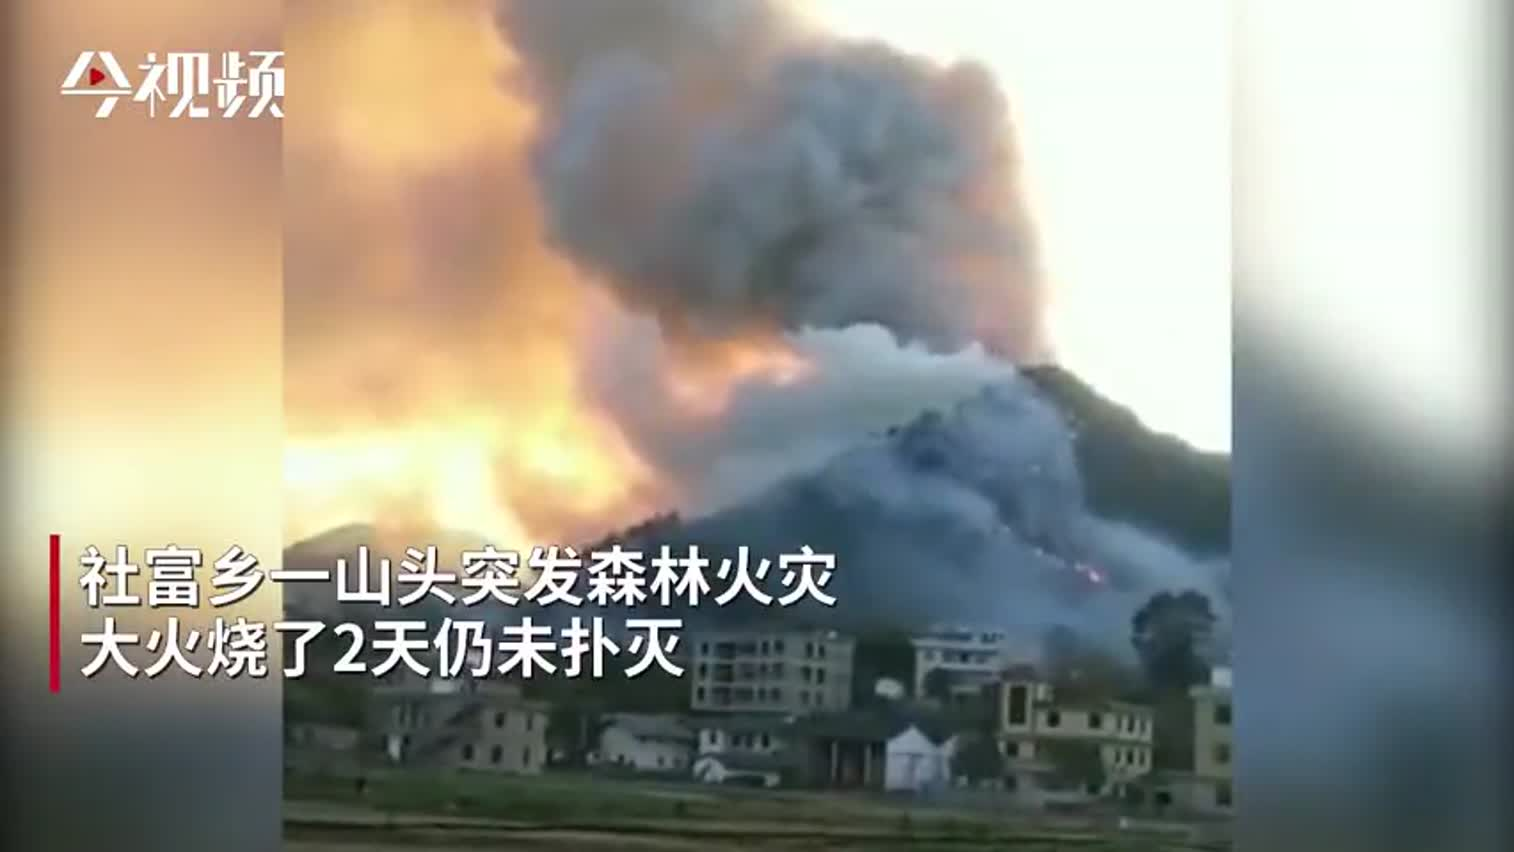 视频-火势凶猛!江西兴国突发森林火灾 大火蔓延2